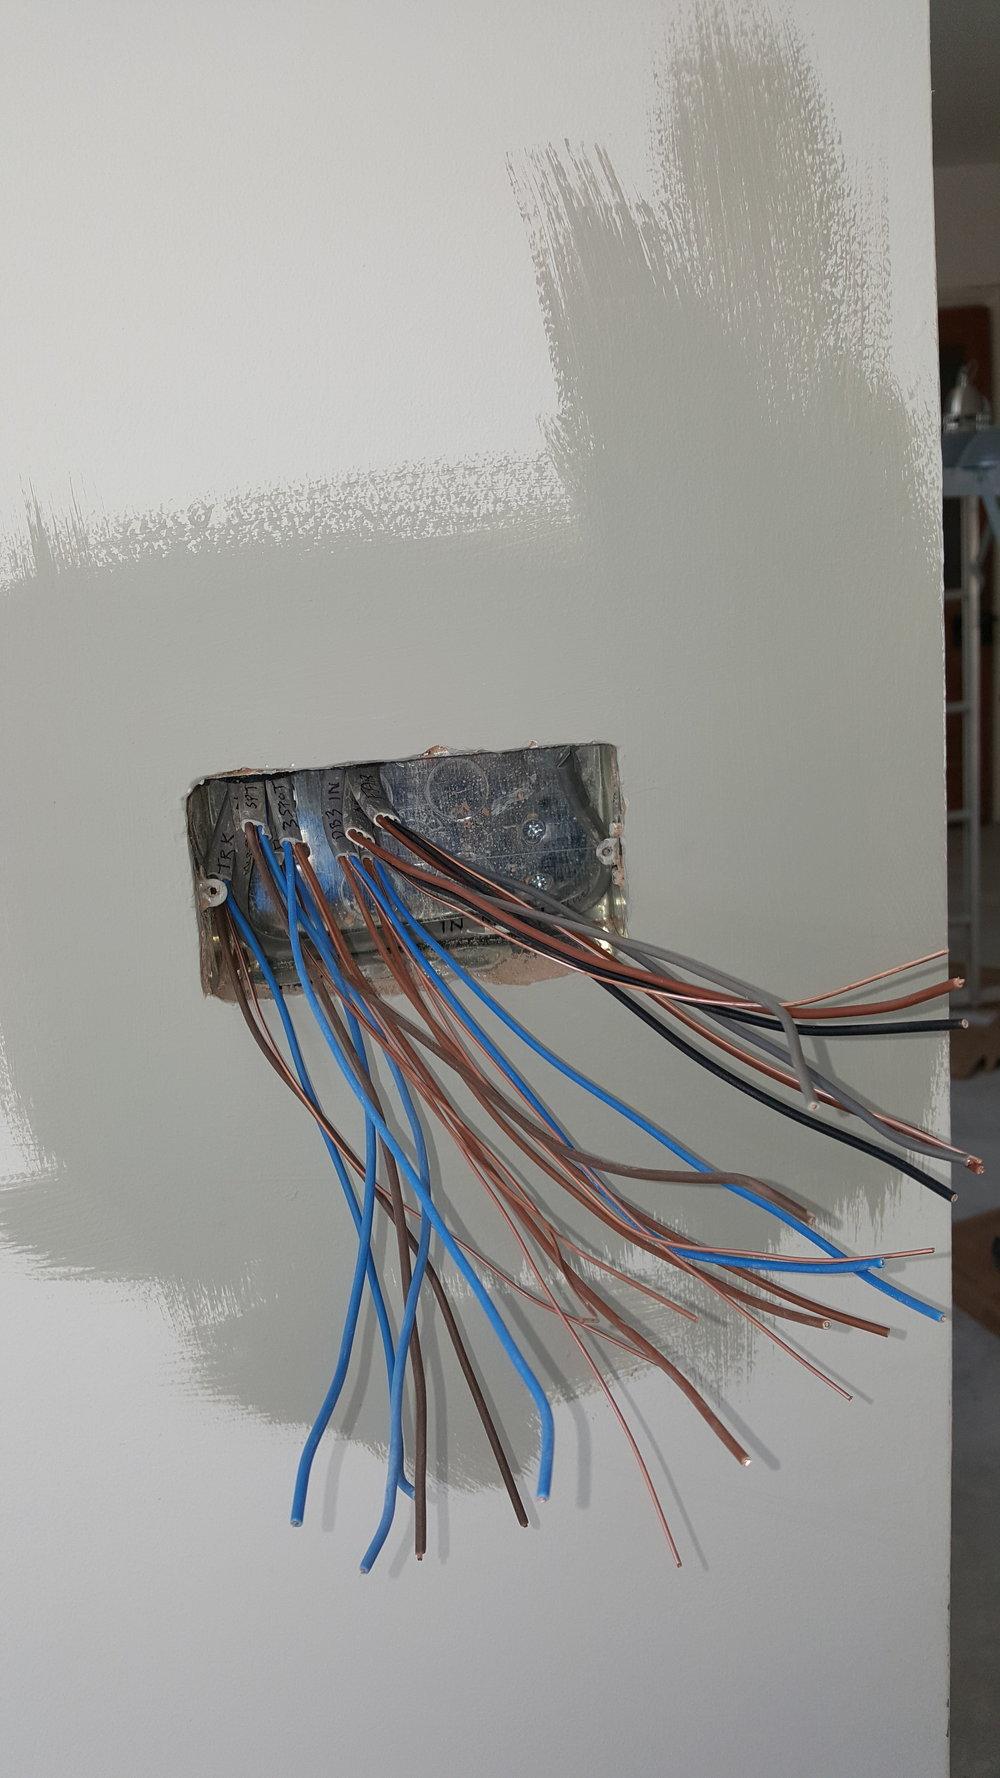 PM lotta wires.jpg